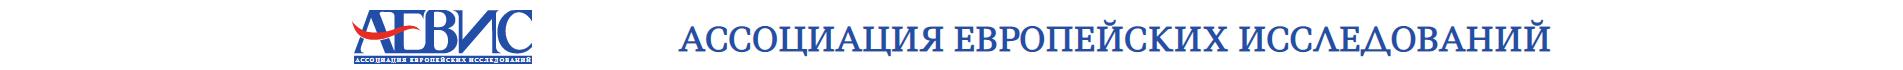 Алтайское отделение АЕВИС